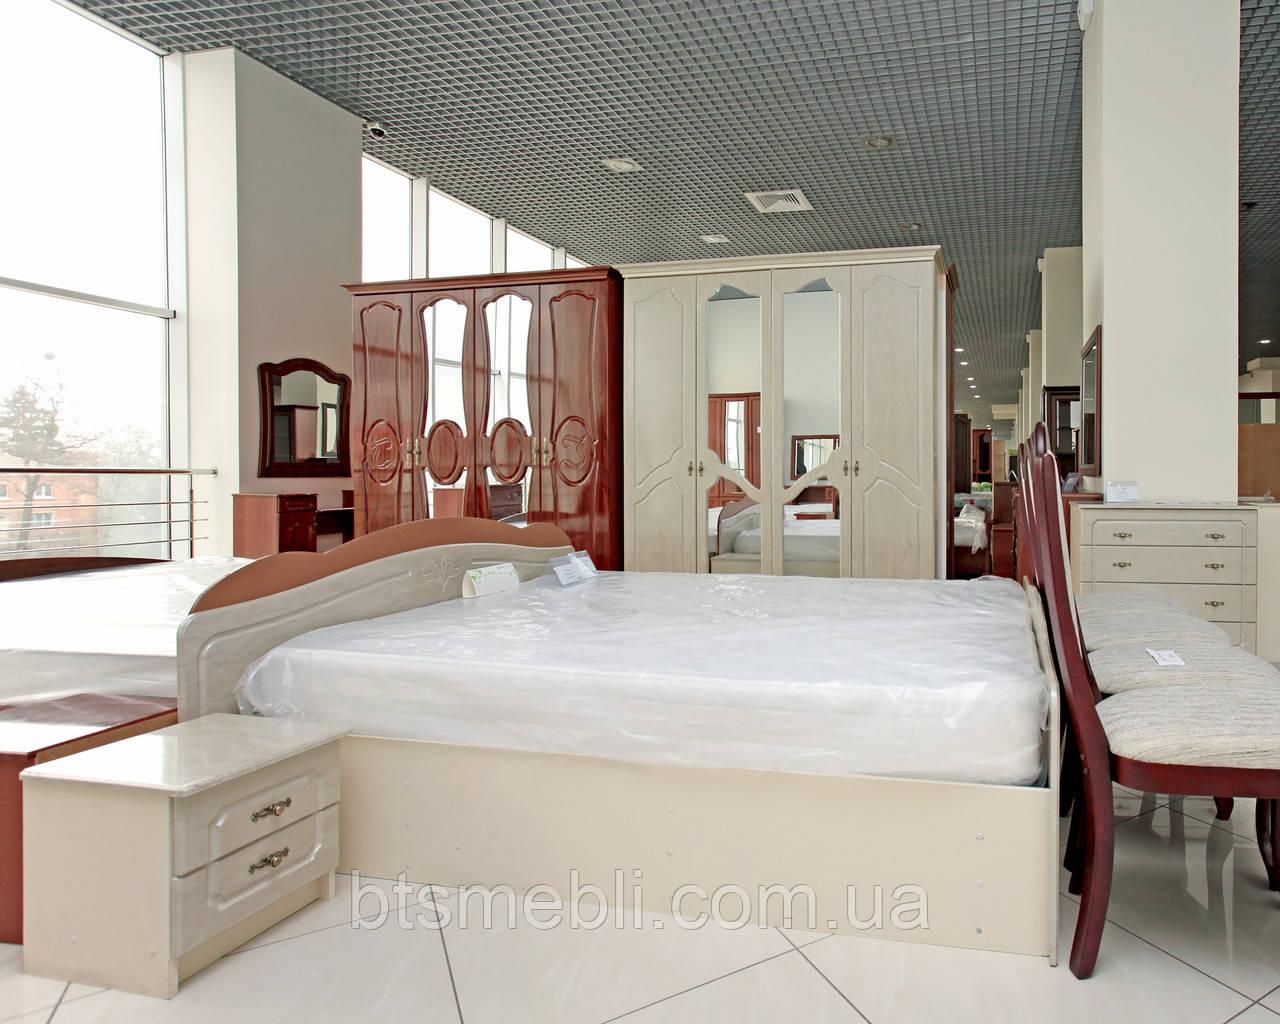 спальня софия лак цена 10 500 грнкомплект купить в киеве Prom